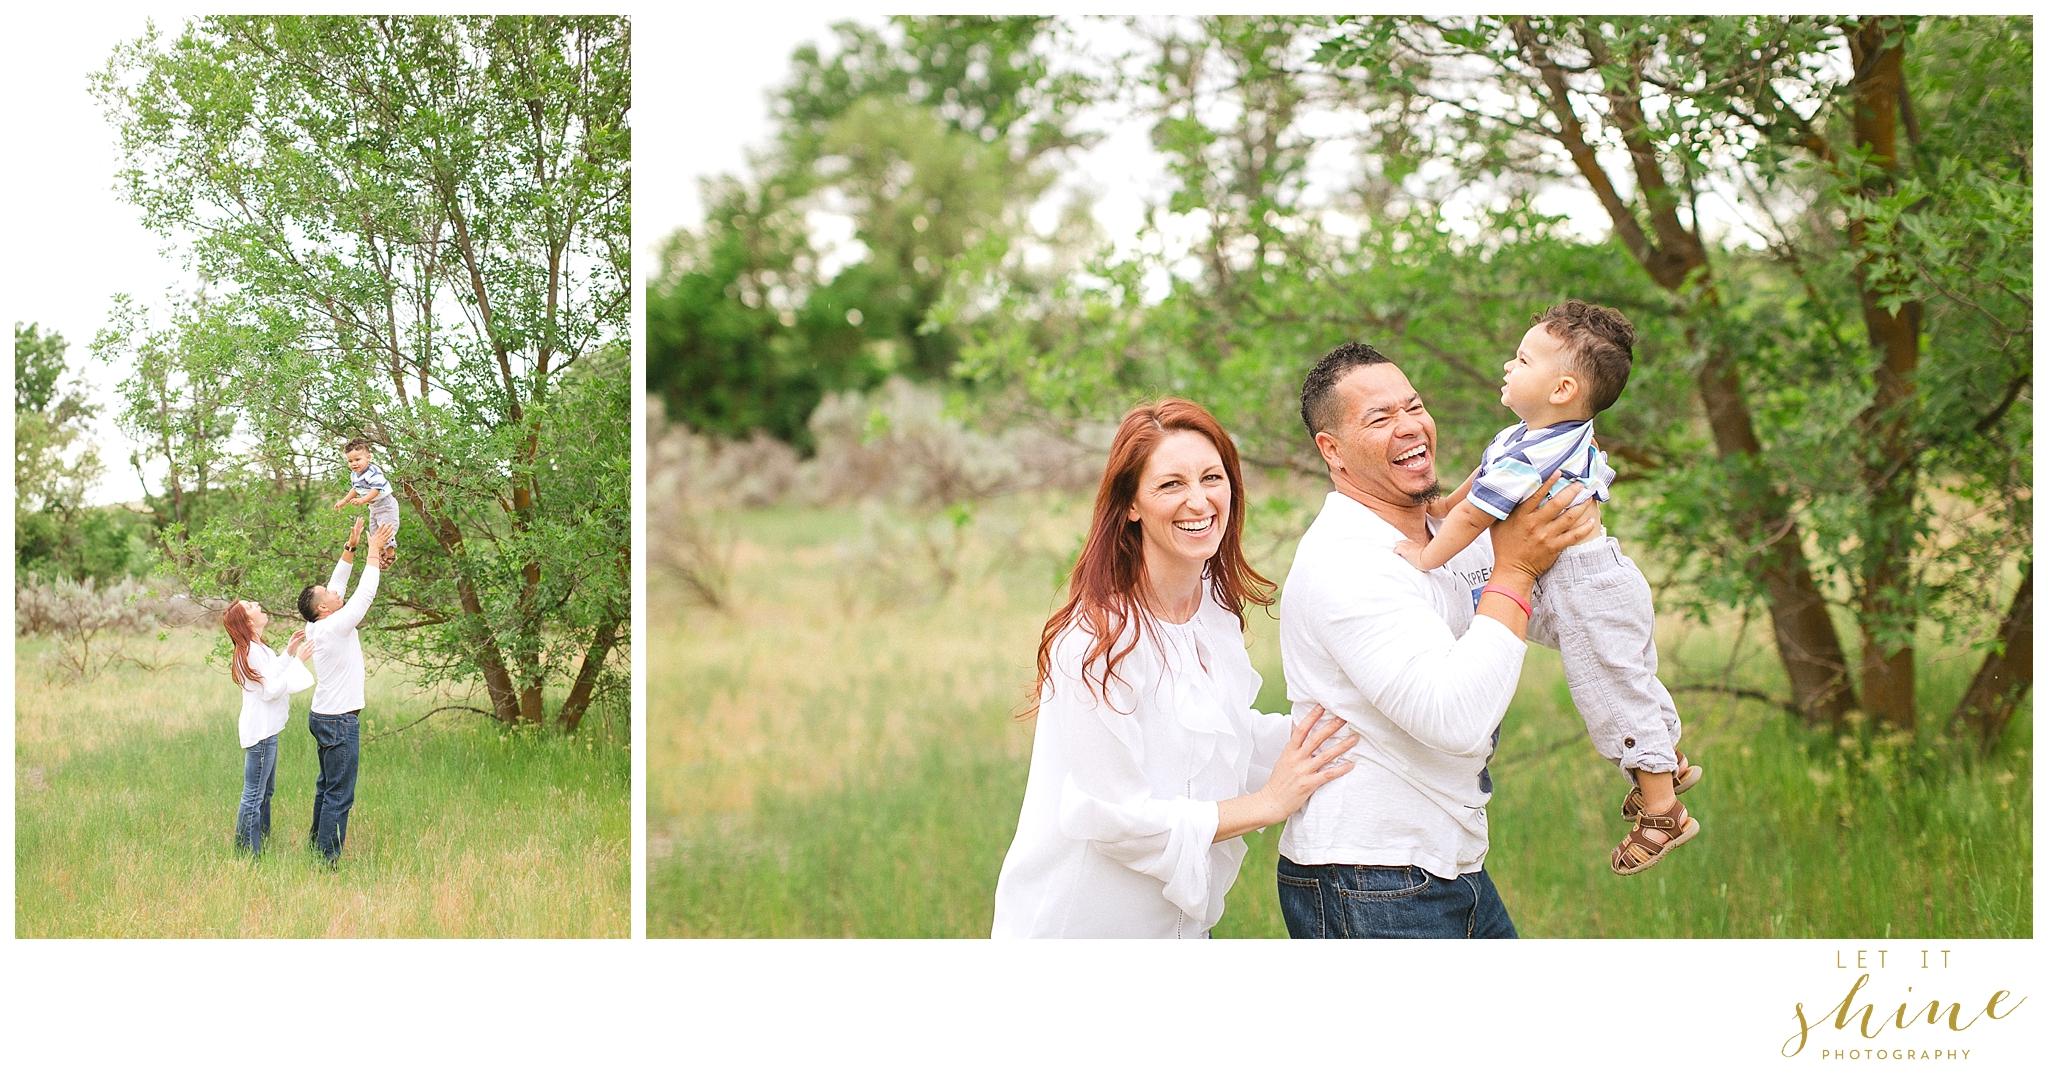 Boise Family Photographer-5387.jpg